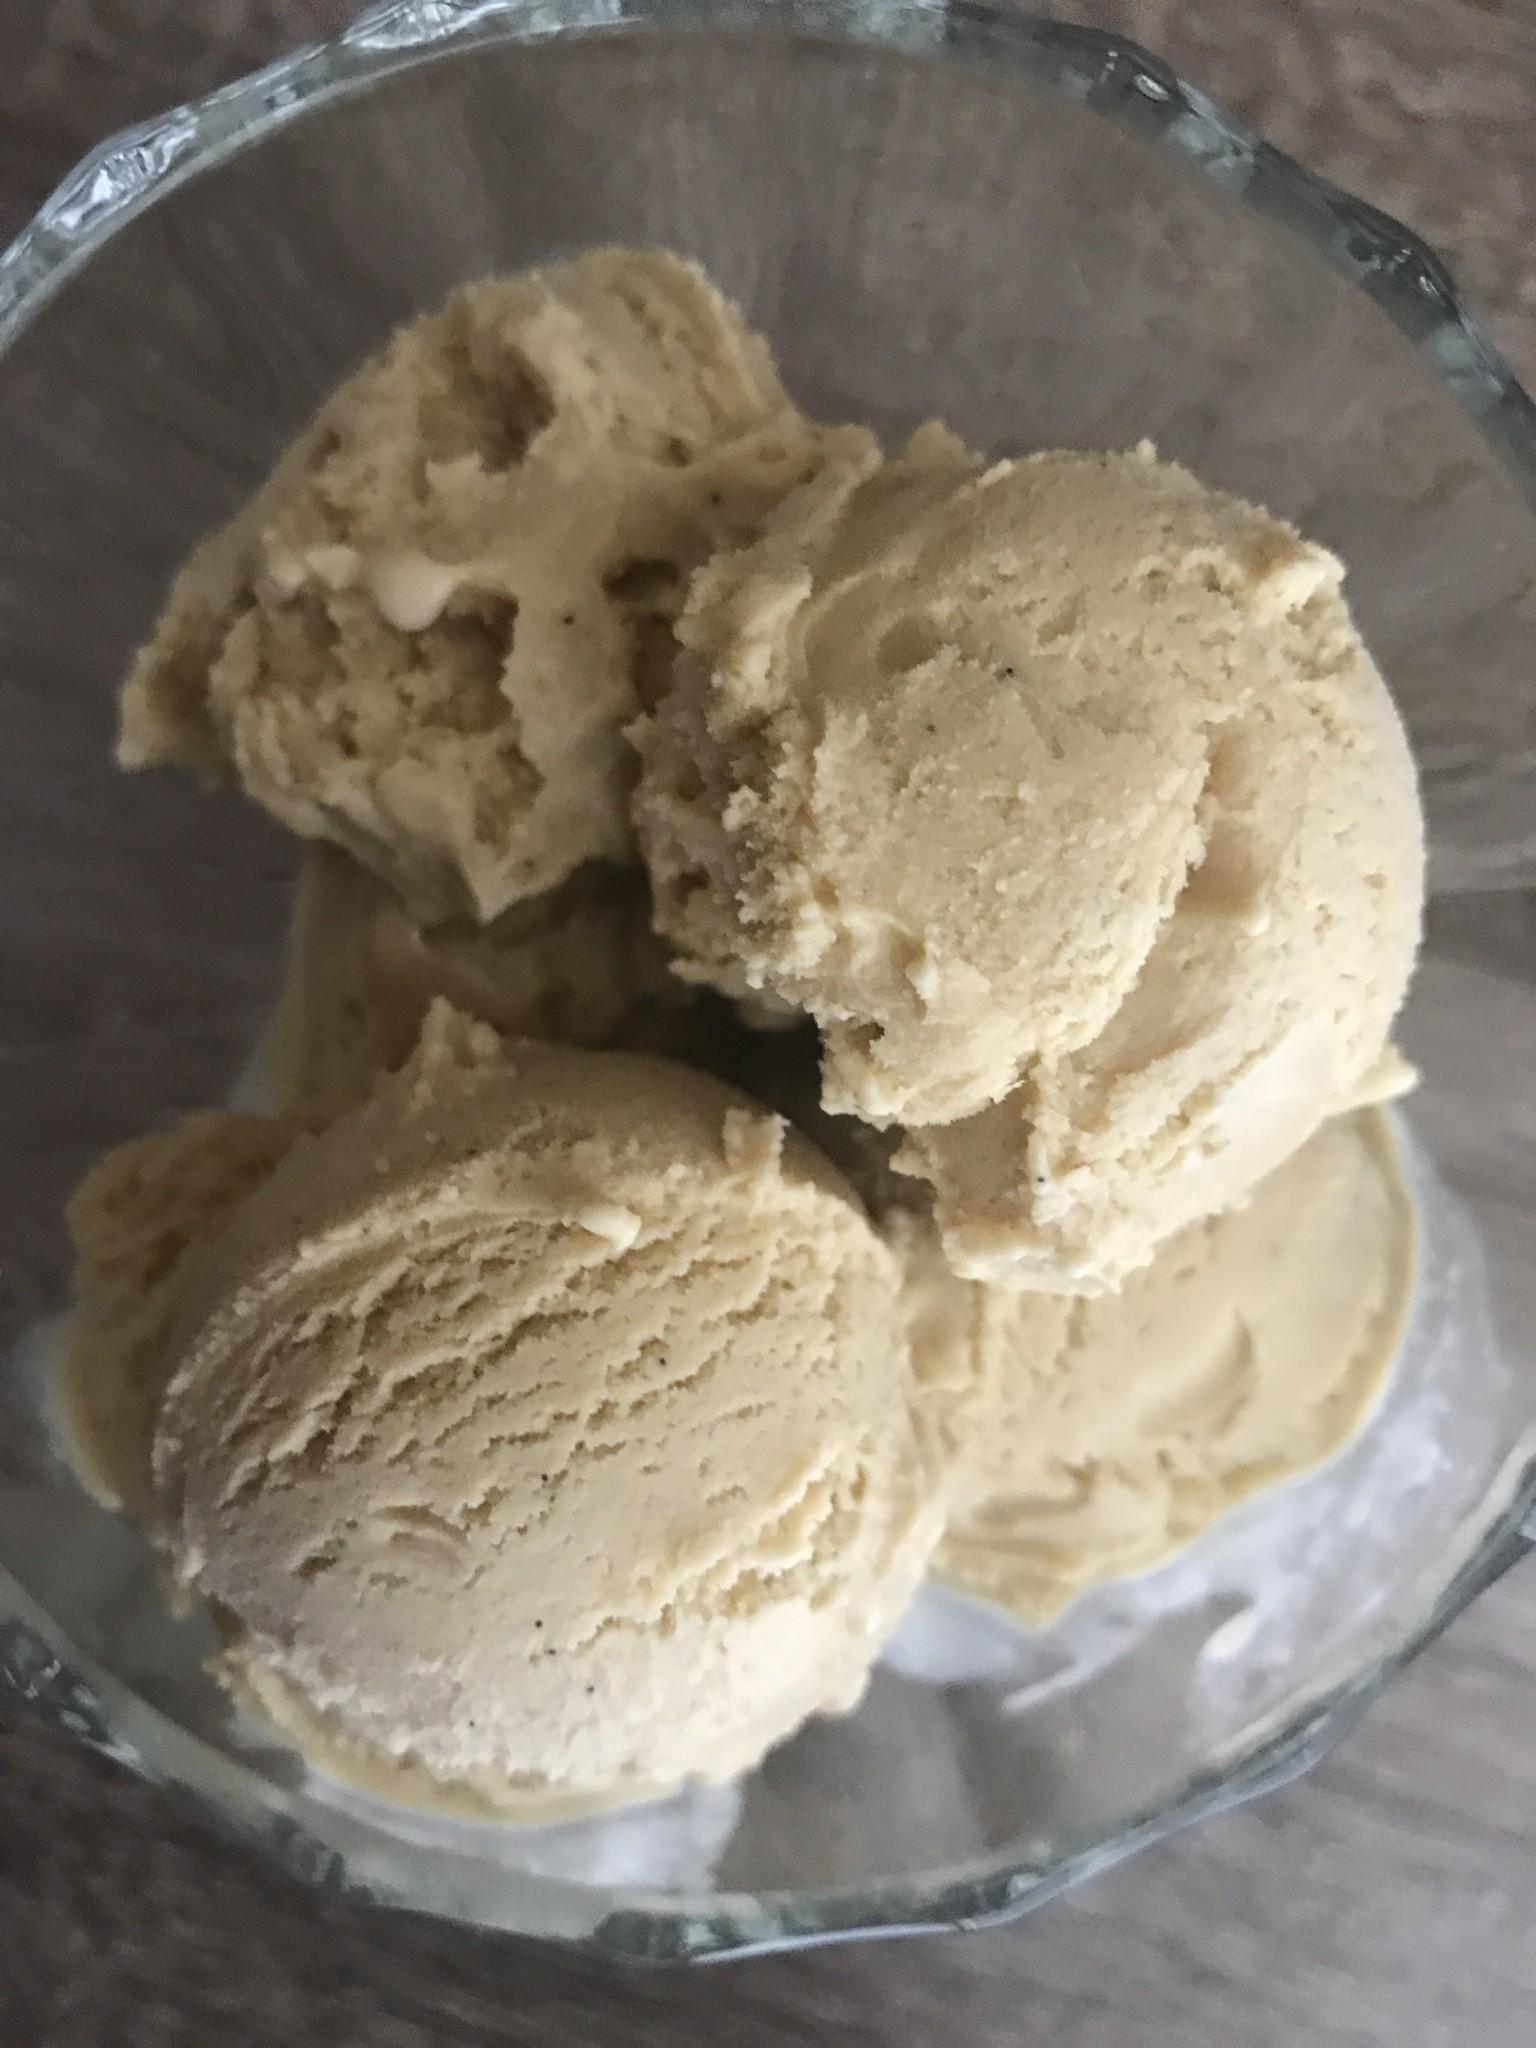 KitchenAid Ice Cream Attachment vs. Cuisinart Ice Cream Maker ... on kitchen aid food, kitchen aid pasta, kitchen aid barbecue, kitchen aid meringue, kitchen aid red,